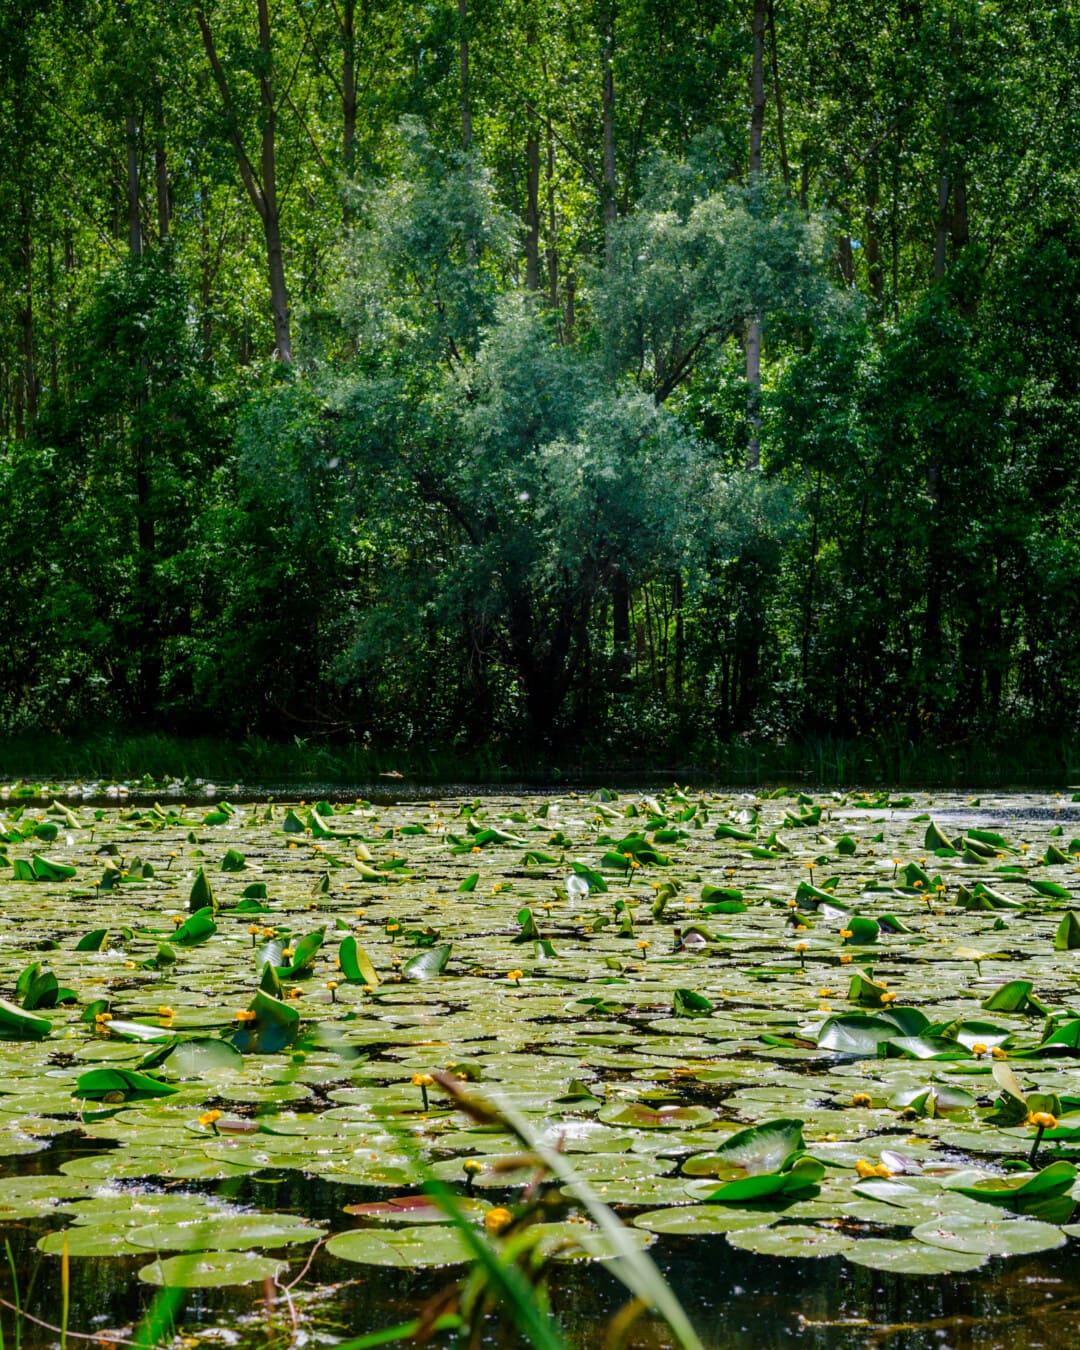 planta acuática, ecosistema de, acuática, lirio de agua, bañados, paisaje, parque, árbol, planta, madera